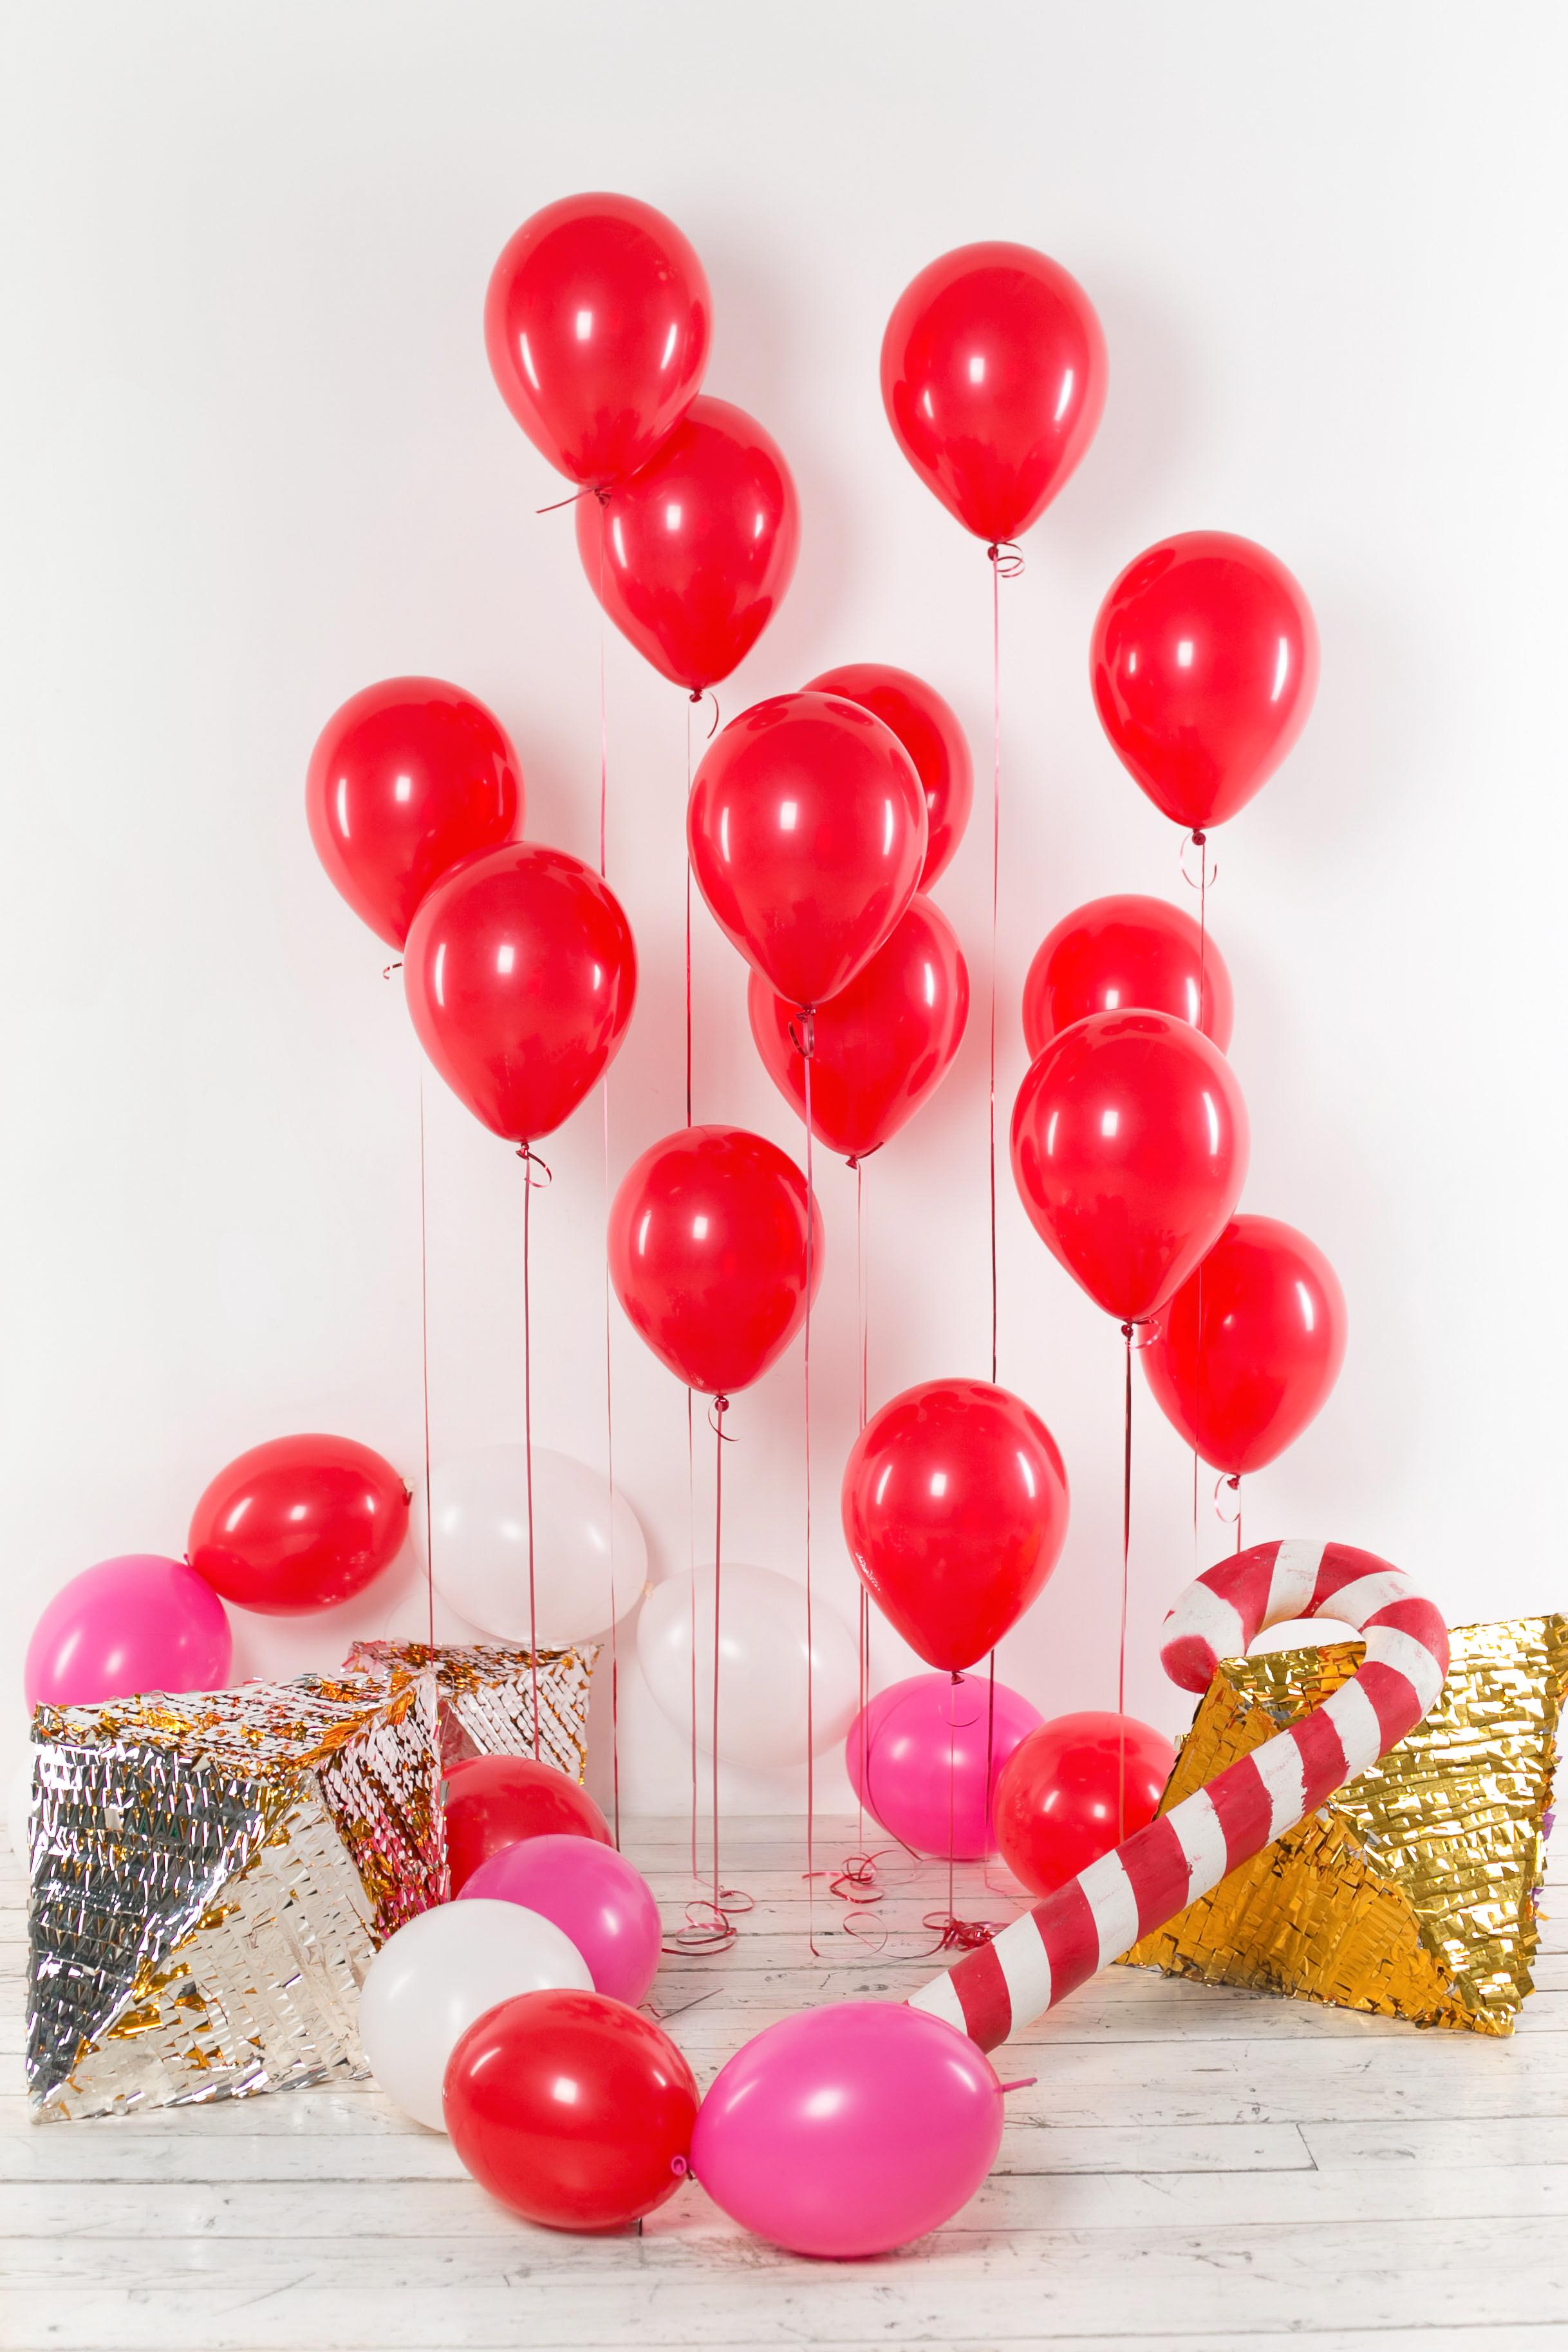 Рождественский декор из воздушных шаров